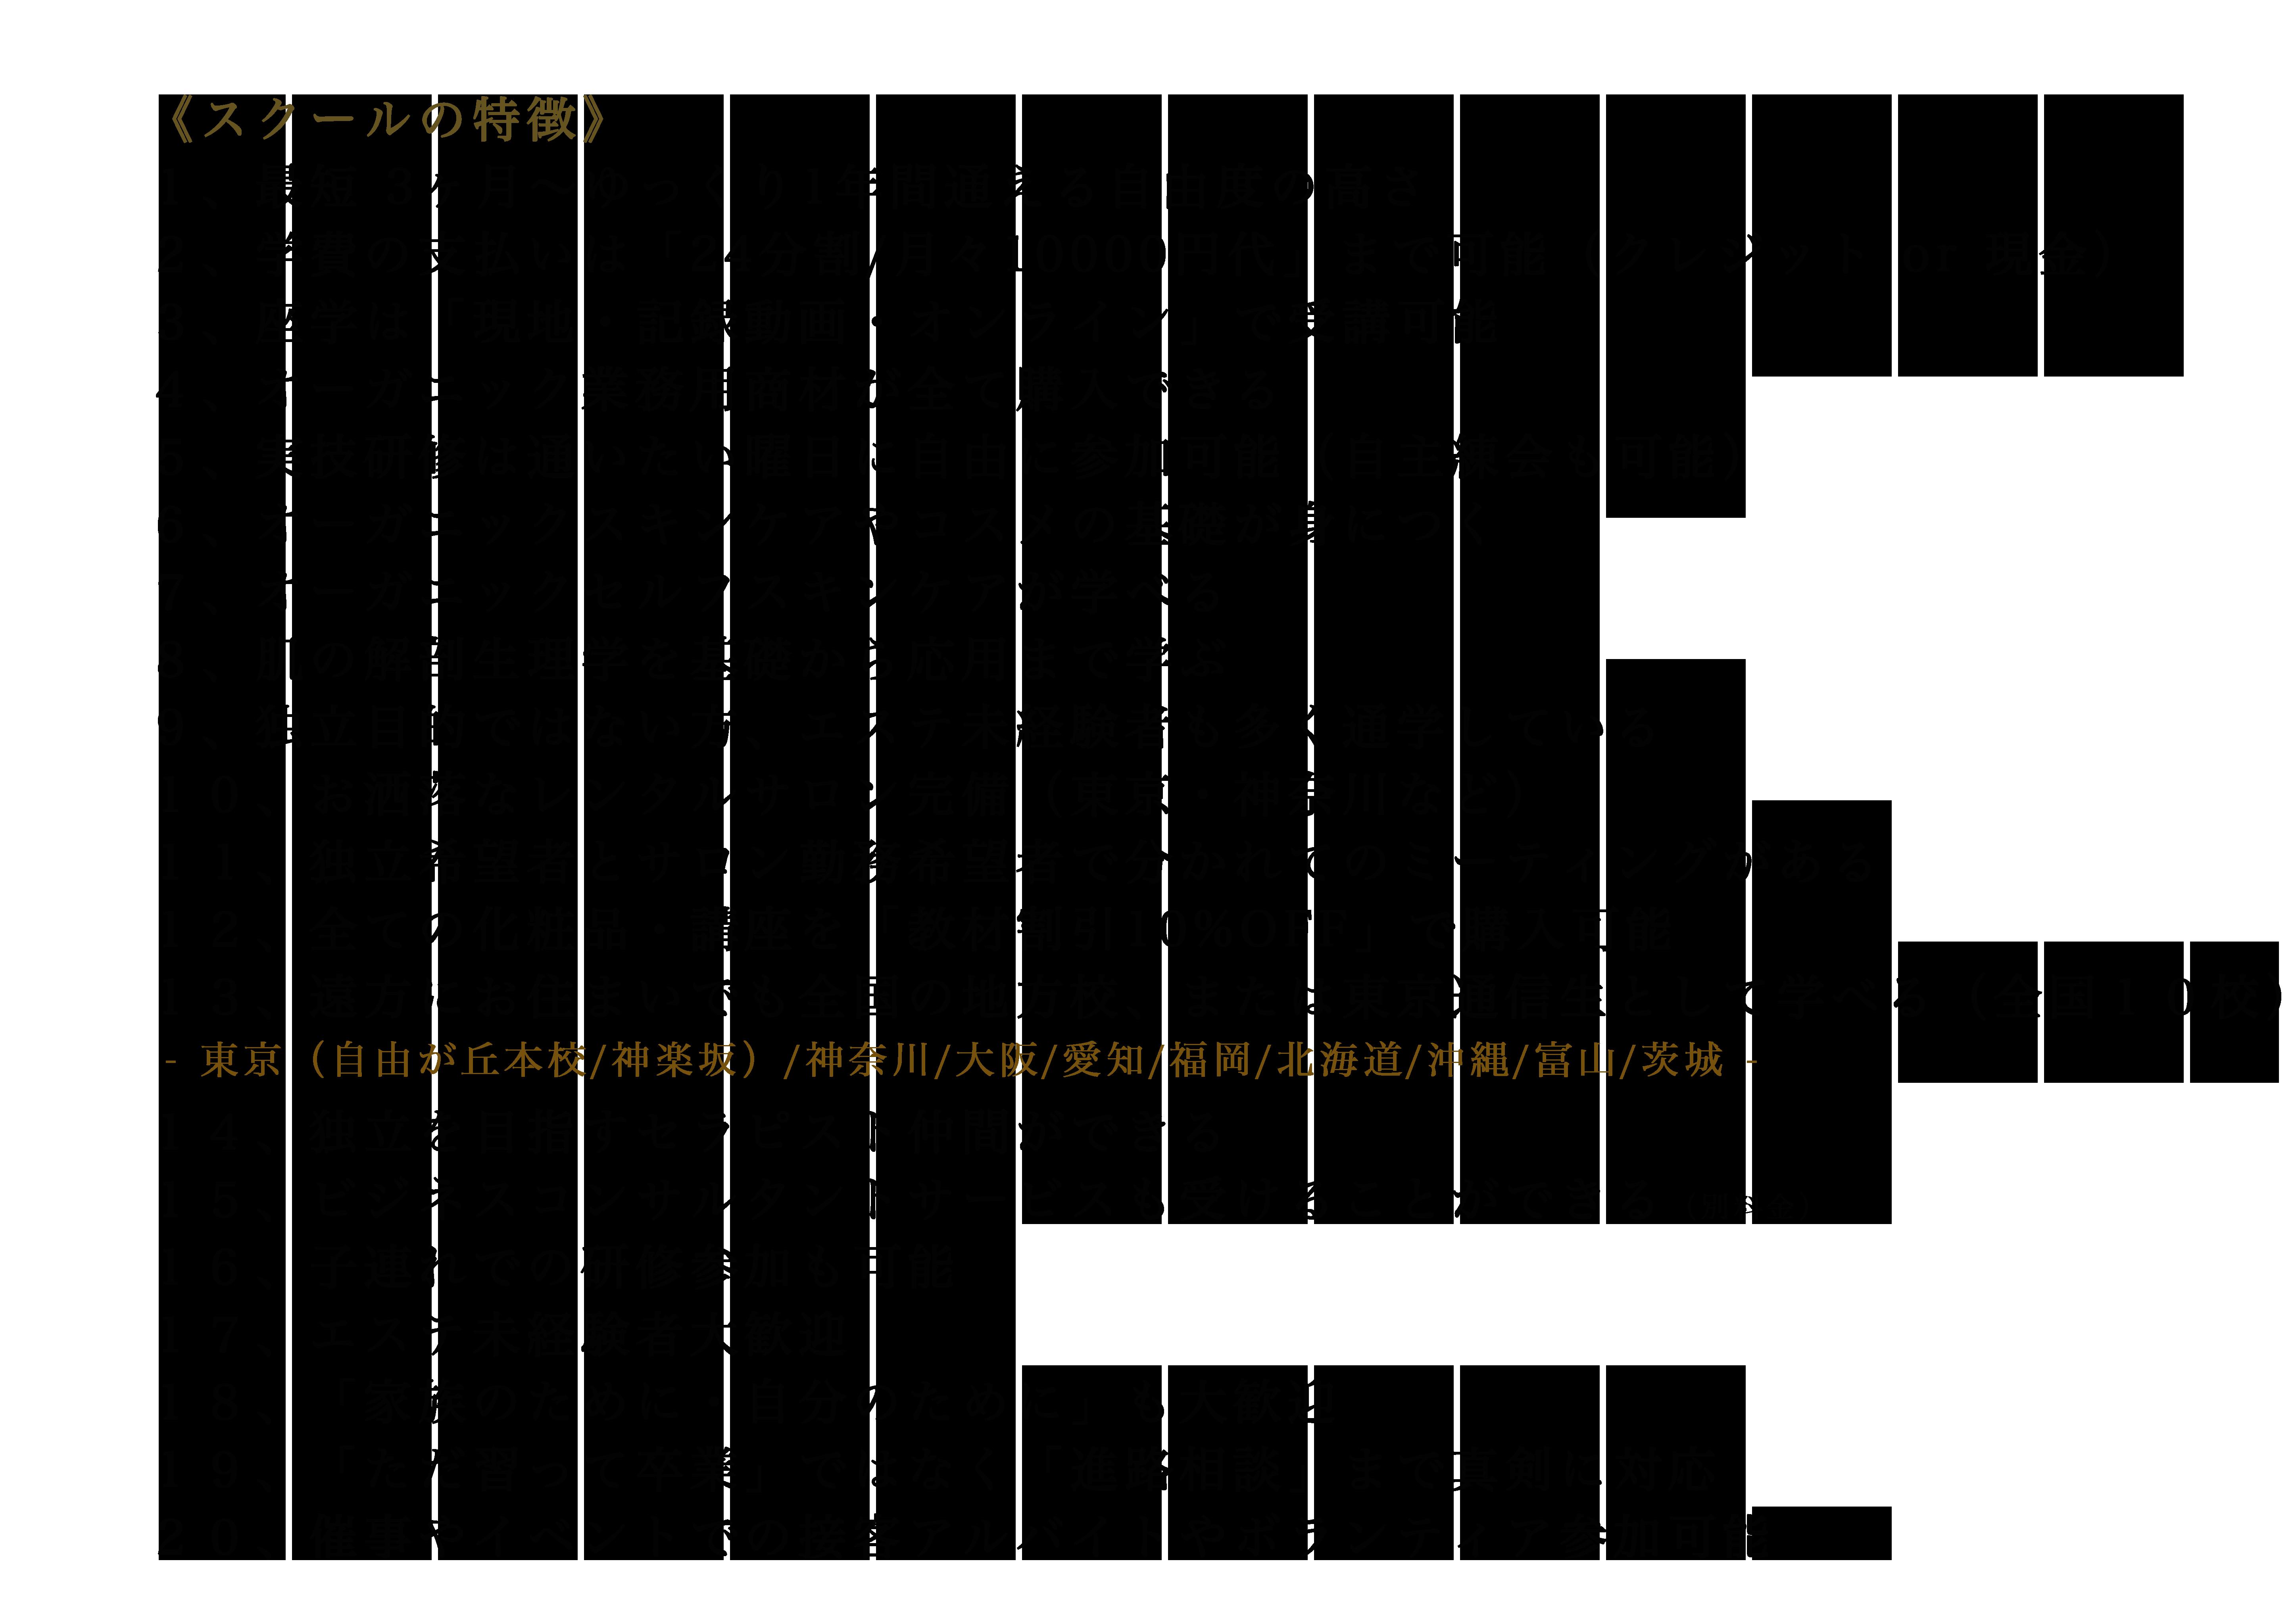 《オーガニックマザーライフスクールの特徴》.png